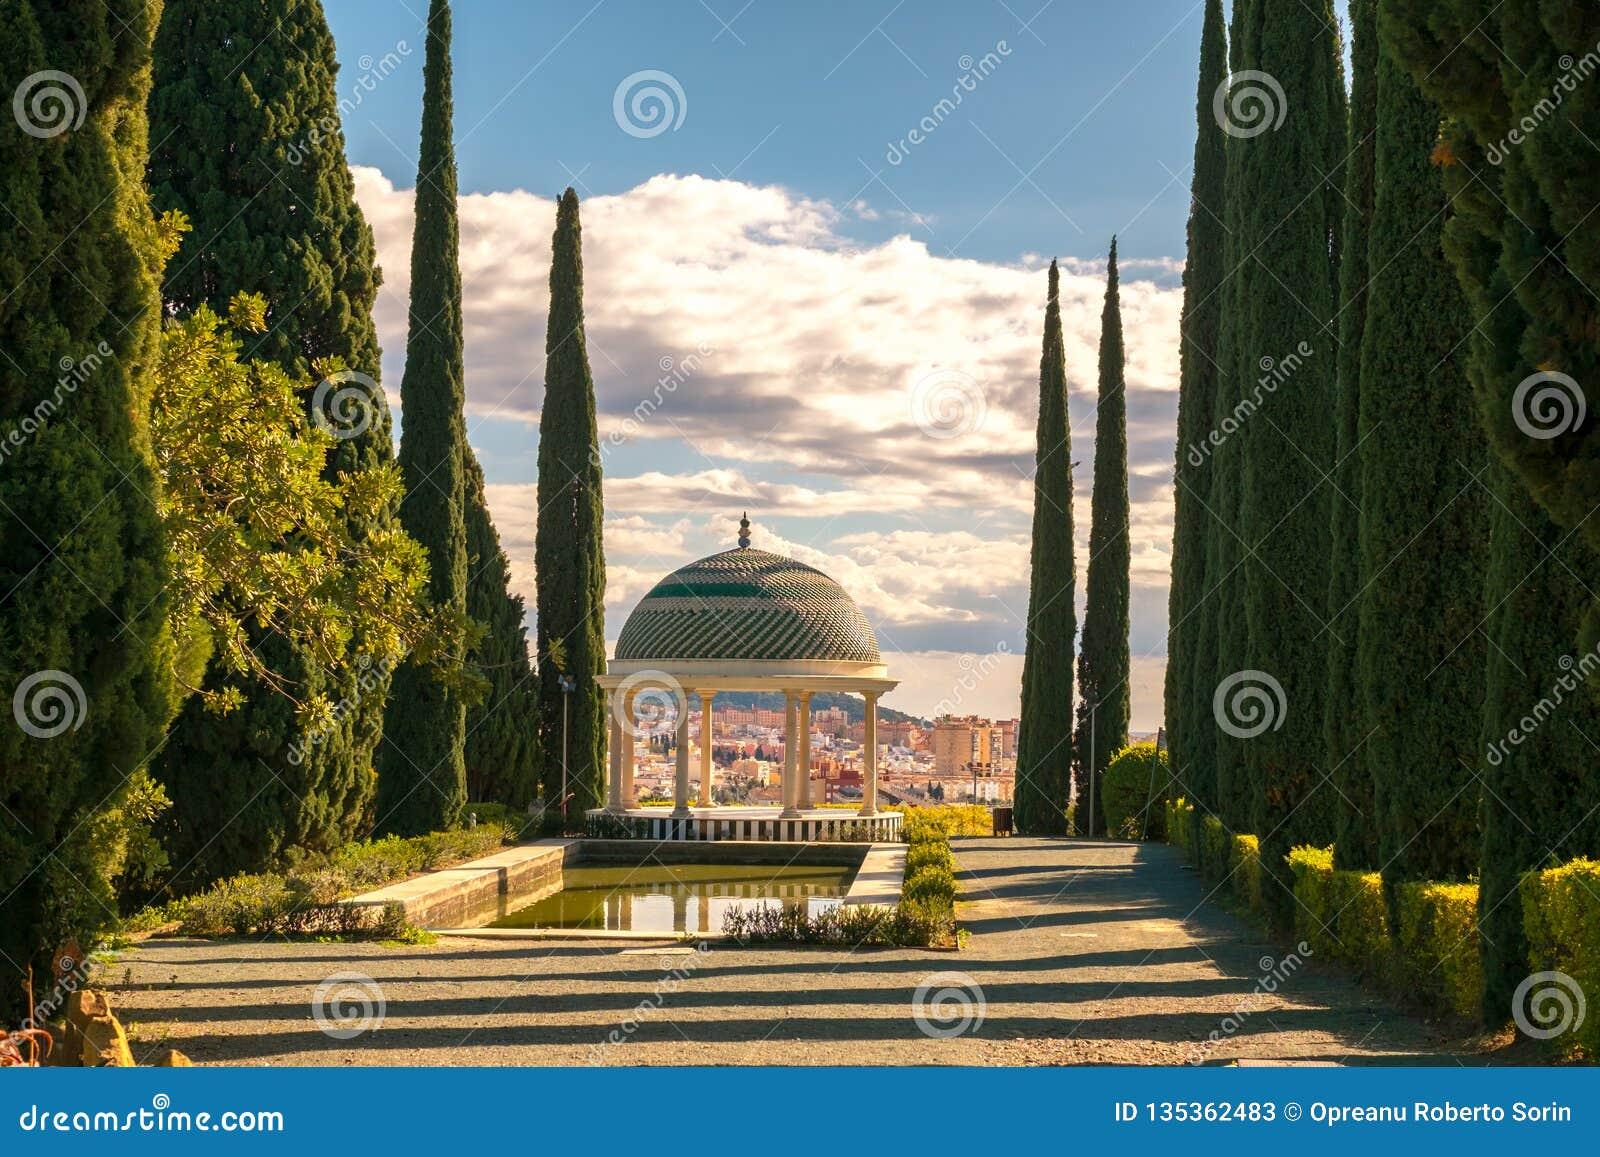 Miradouro histórico, jardim da concepção, la Concepción do jardin em Malaga, Espanha